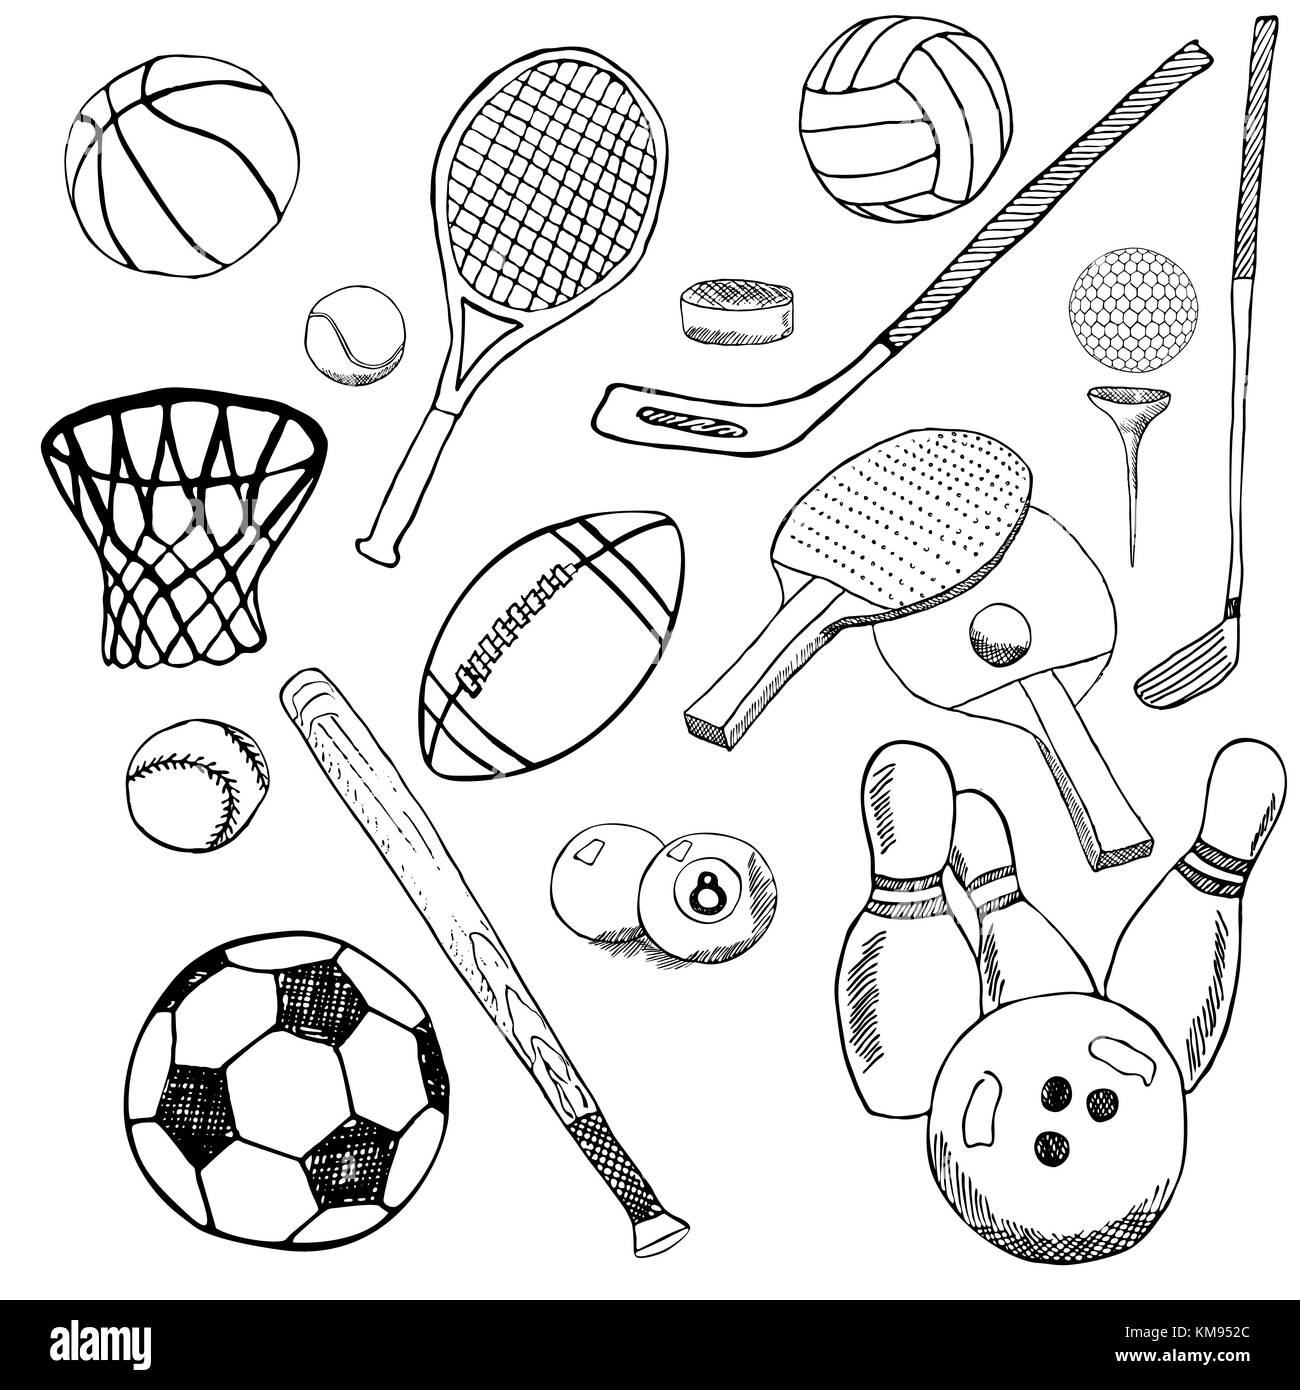 Sport Balle Hand Gezeichnete Skizze Mit Baseball Bowling